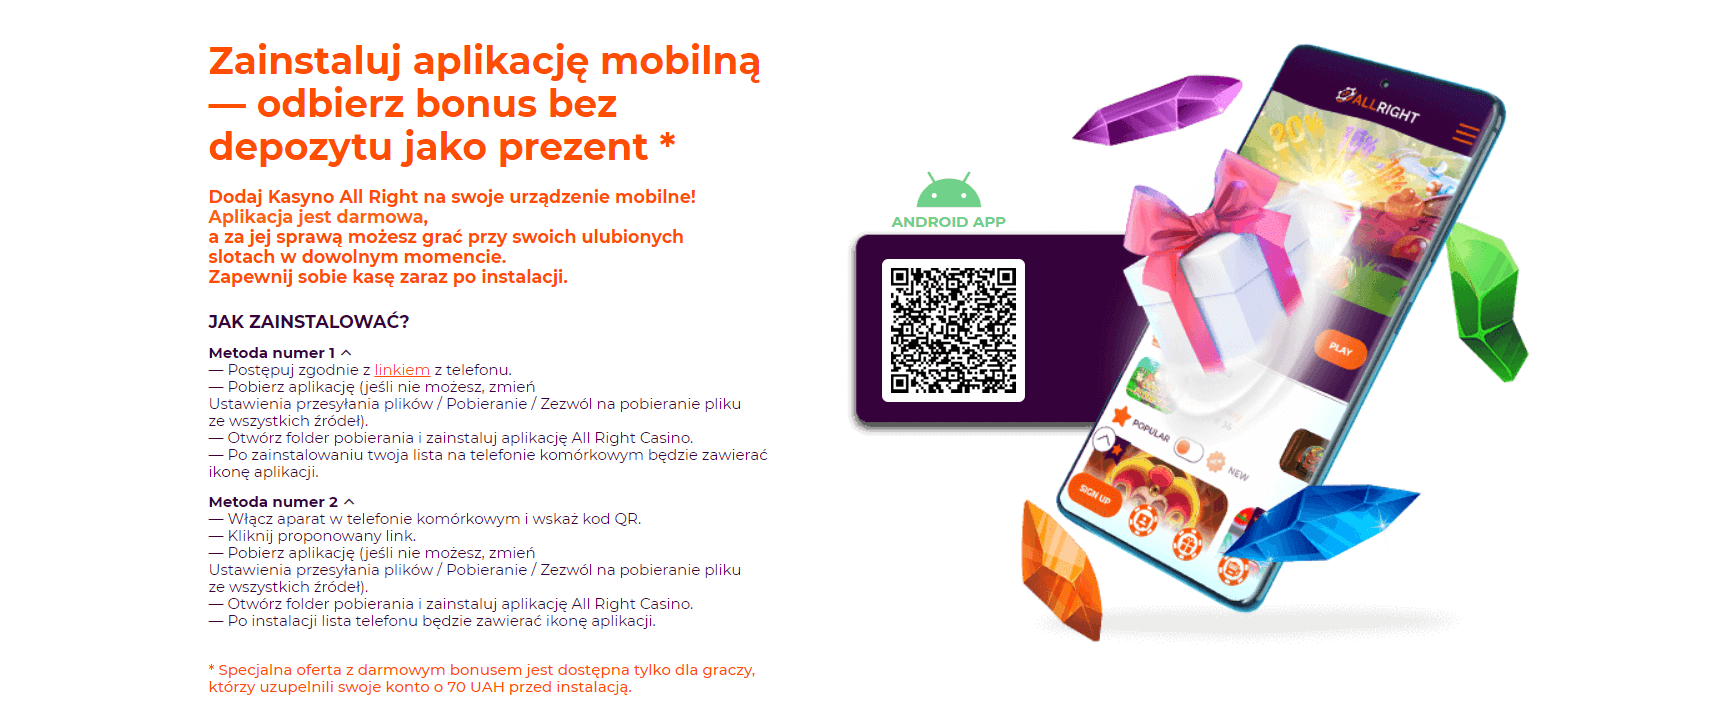 allrightcasino mobilne kasyno aplikacja screenshot